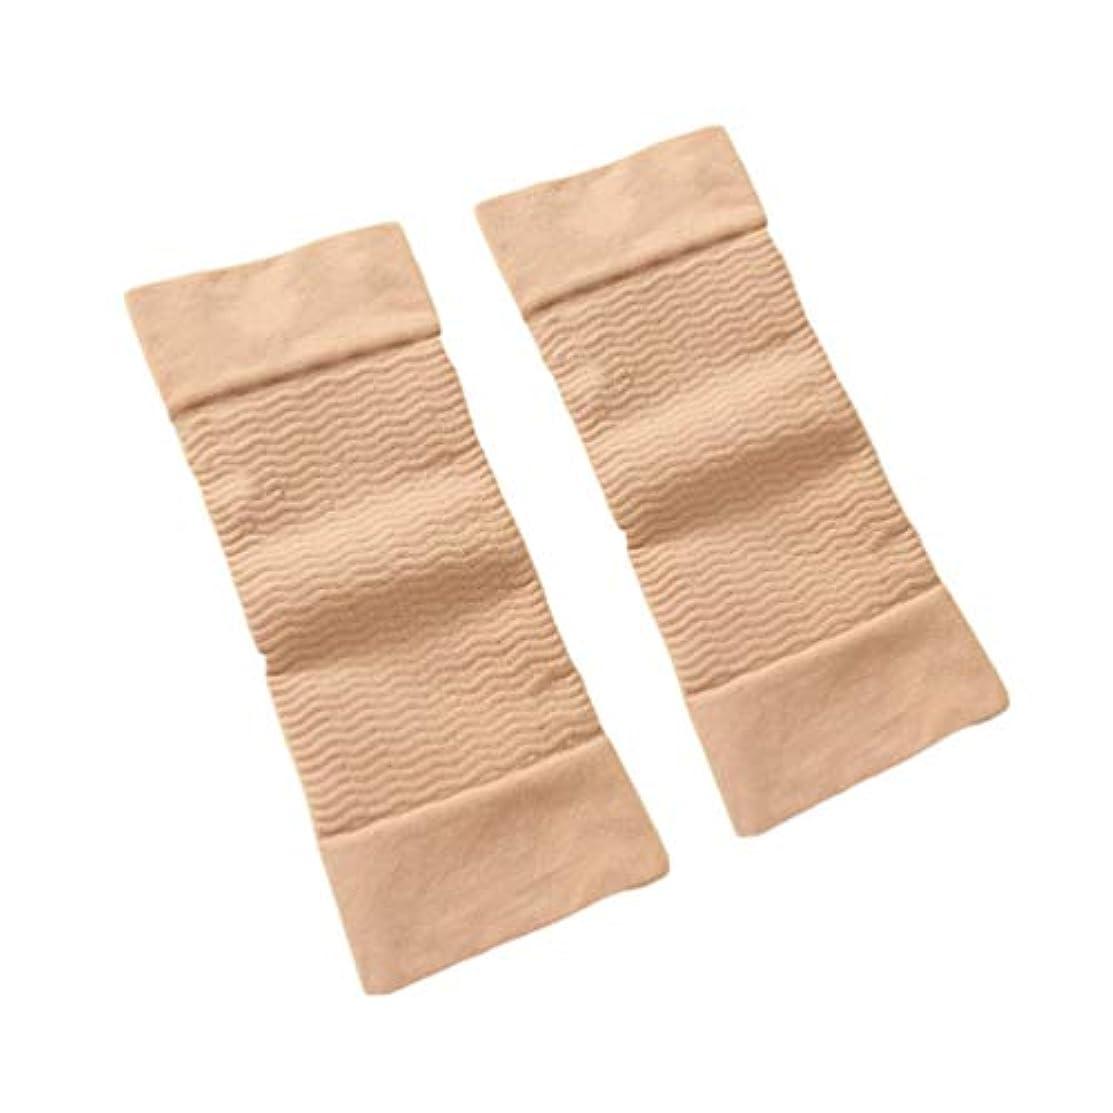 ペチコート存在する浮浪者1ペア420 D圧縮痩身アームスリーブワークアウトトーニングバーンセルライトシェイパー脂肪燃焼袖用女性 - 肌色